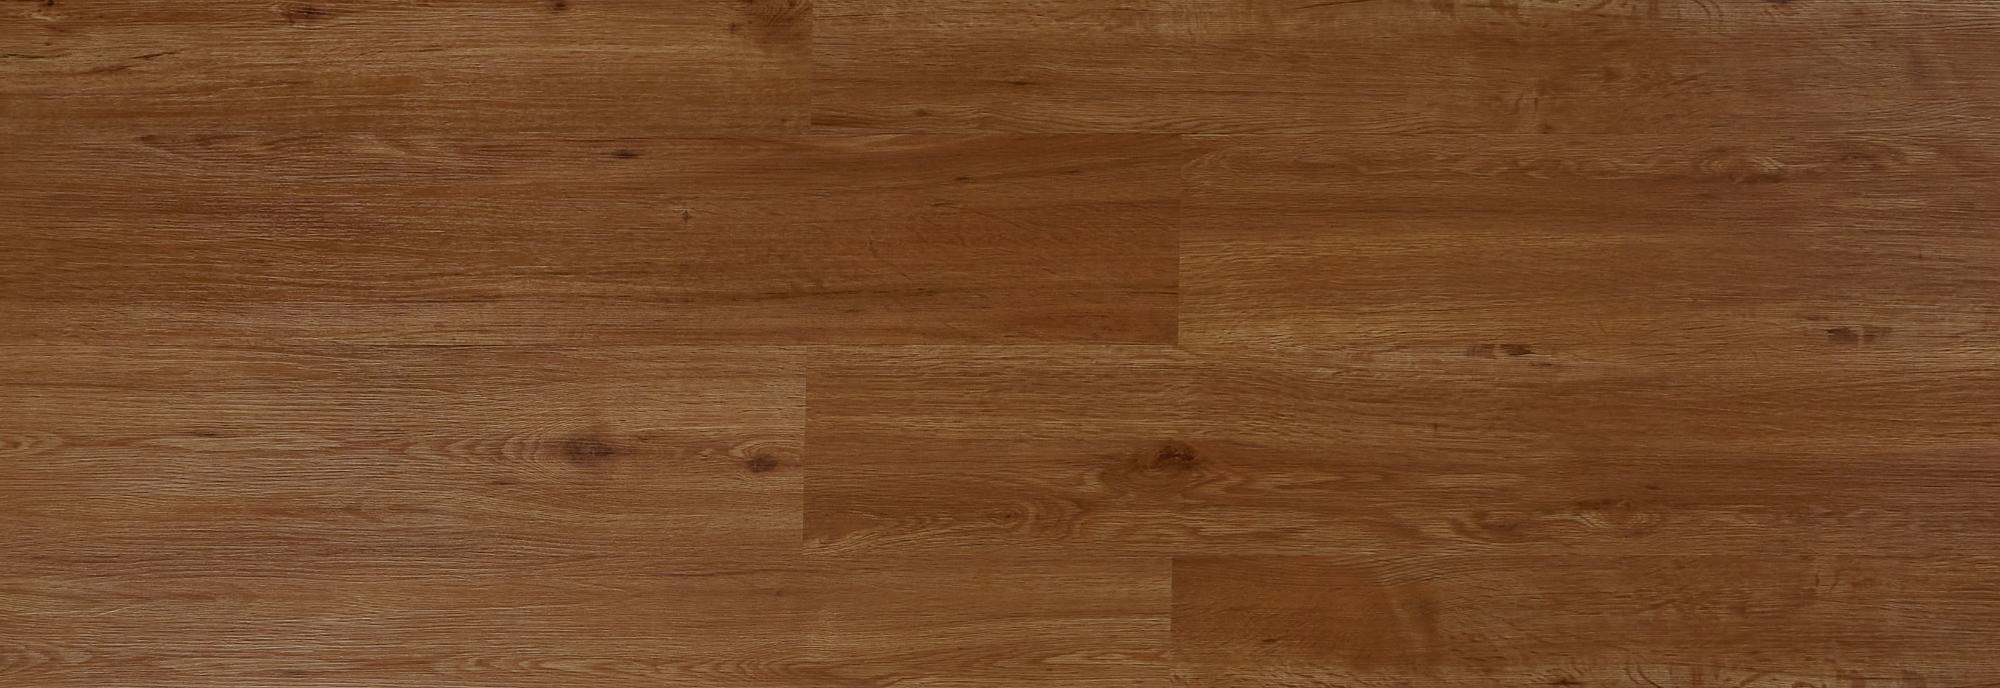 NOMAD FLO - NF10119 Teruel - Vinylová podlaha s kompozitním jádrem - Click